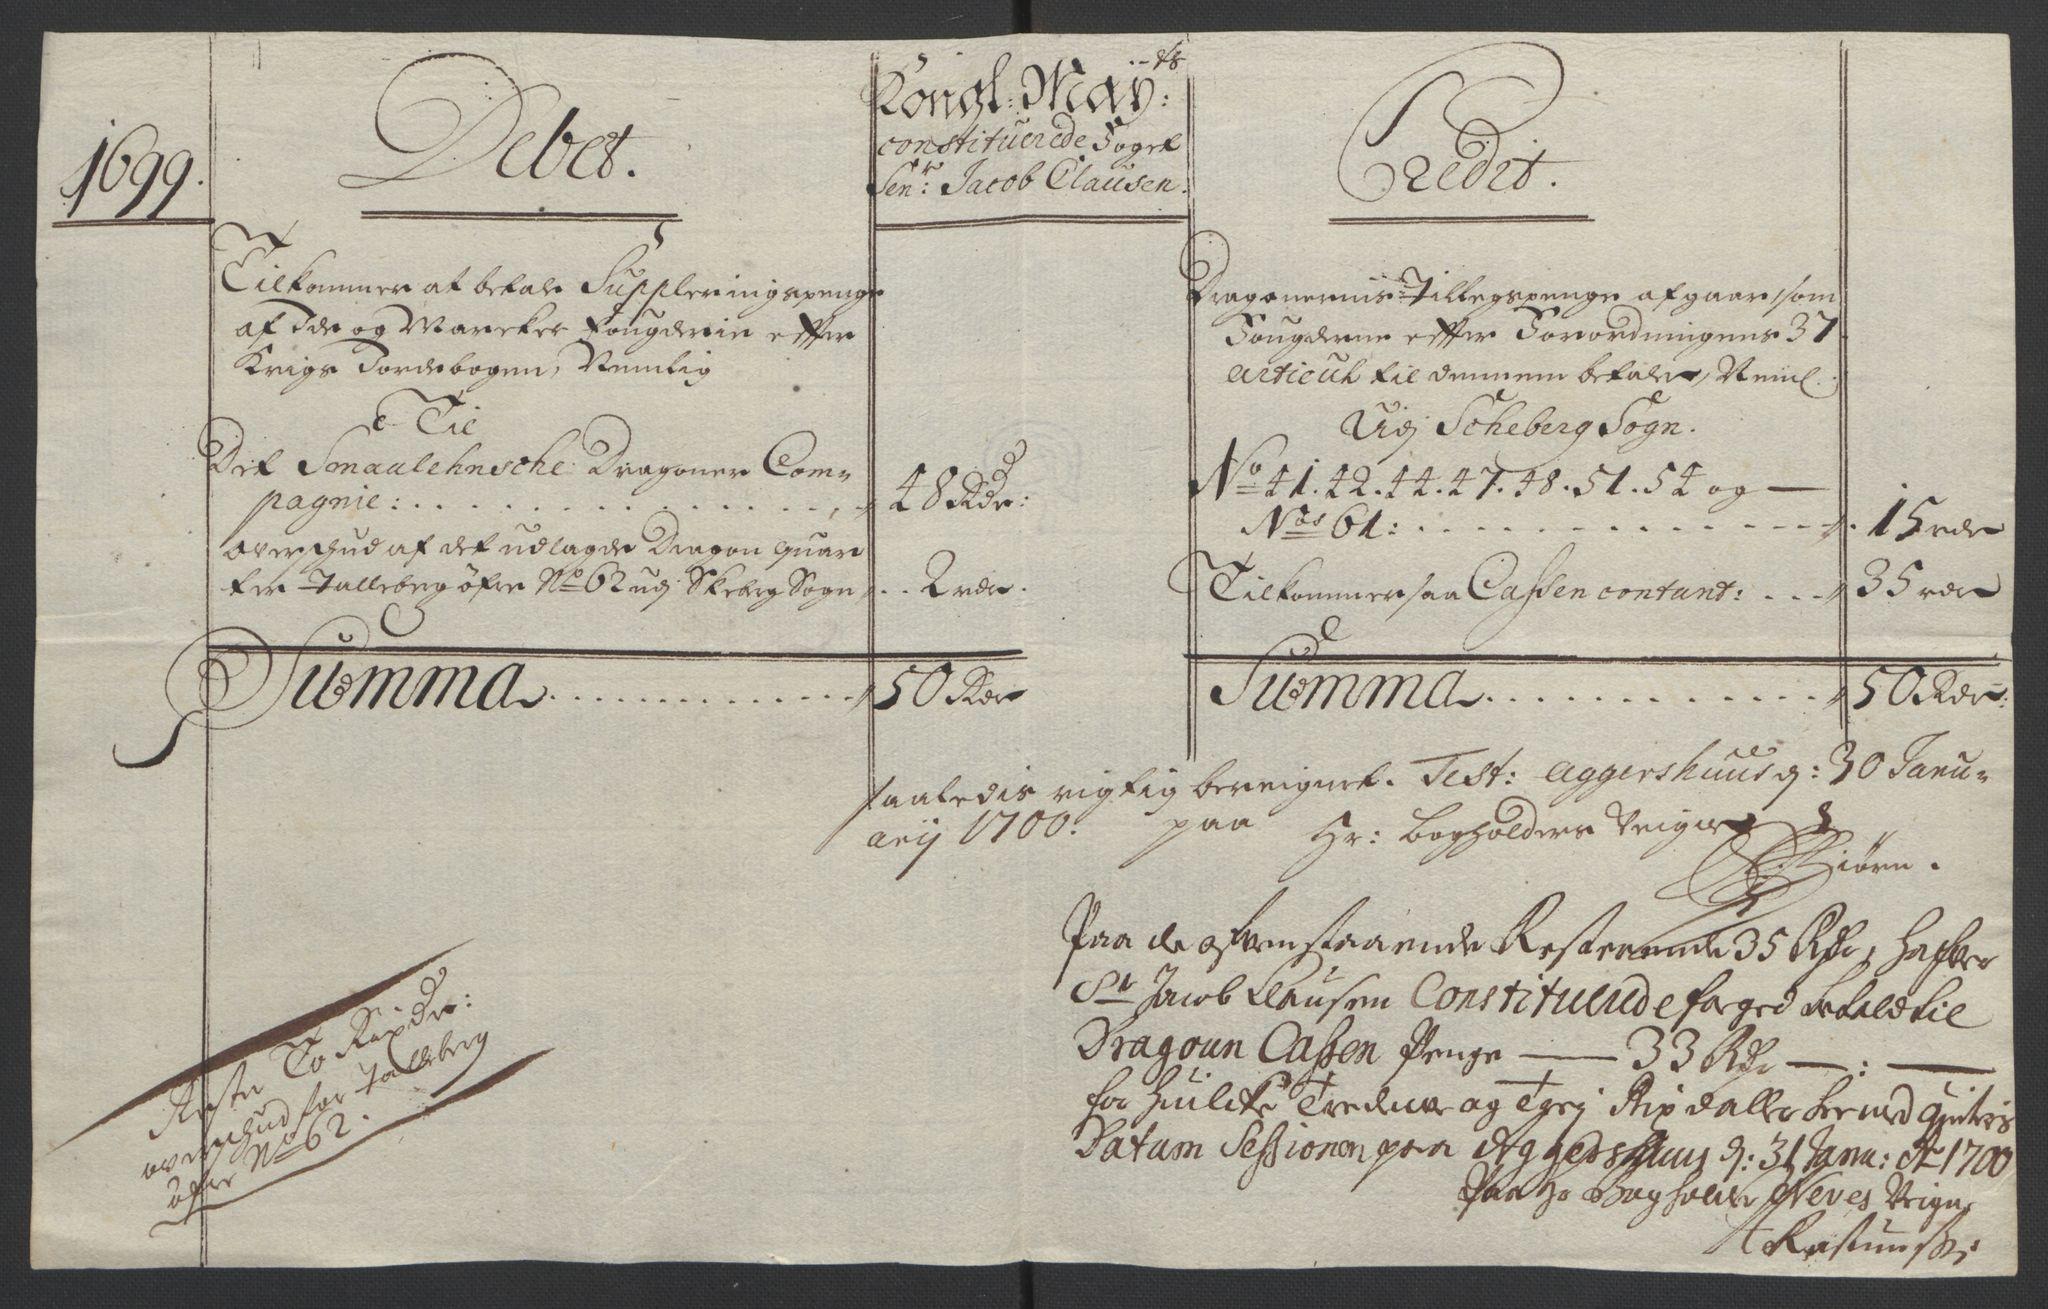 RA, Rentekammeret inntil 1814, Reviderte regnskaper, Fogderegnskap, R01/L0014: Fogderegnskap Idd og Marker, 1699, s. 128